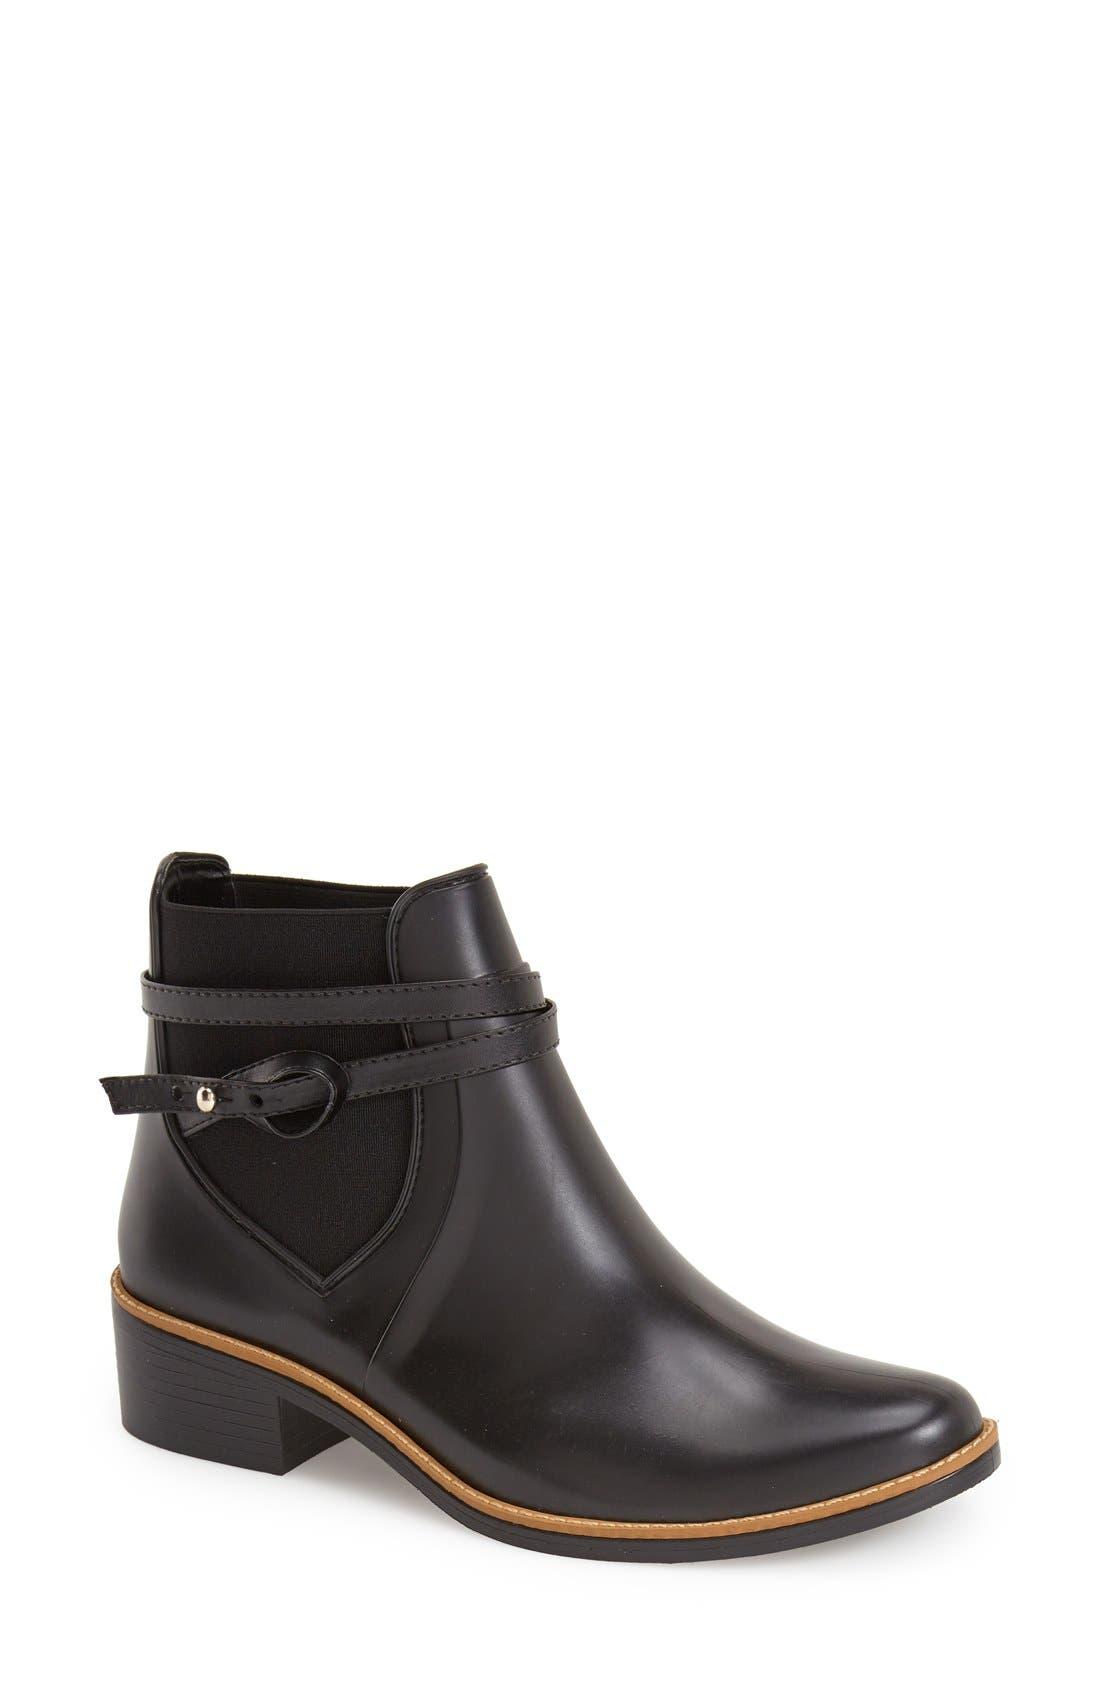 Bernardo Peony Short Waterproof Rain Boot,                         Main,                         color, 001